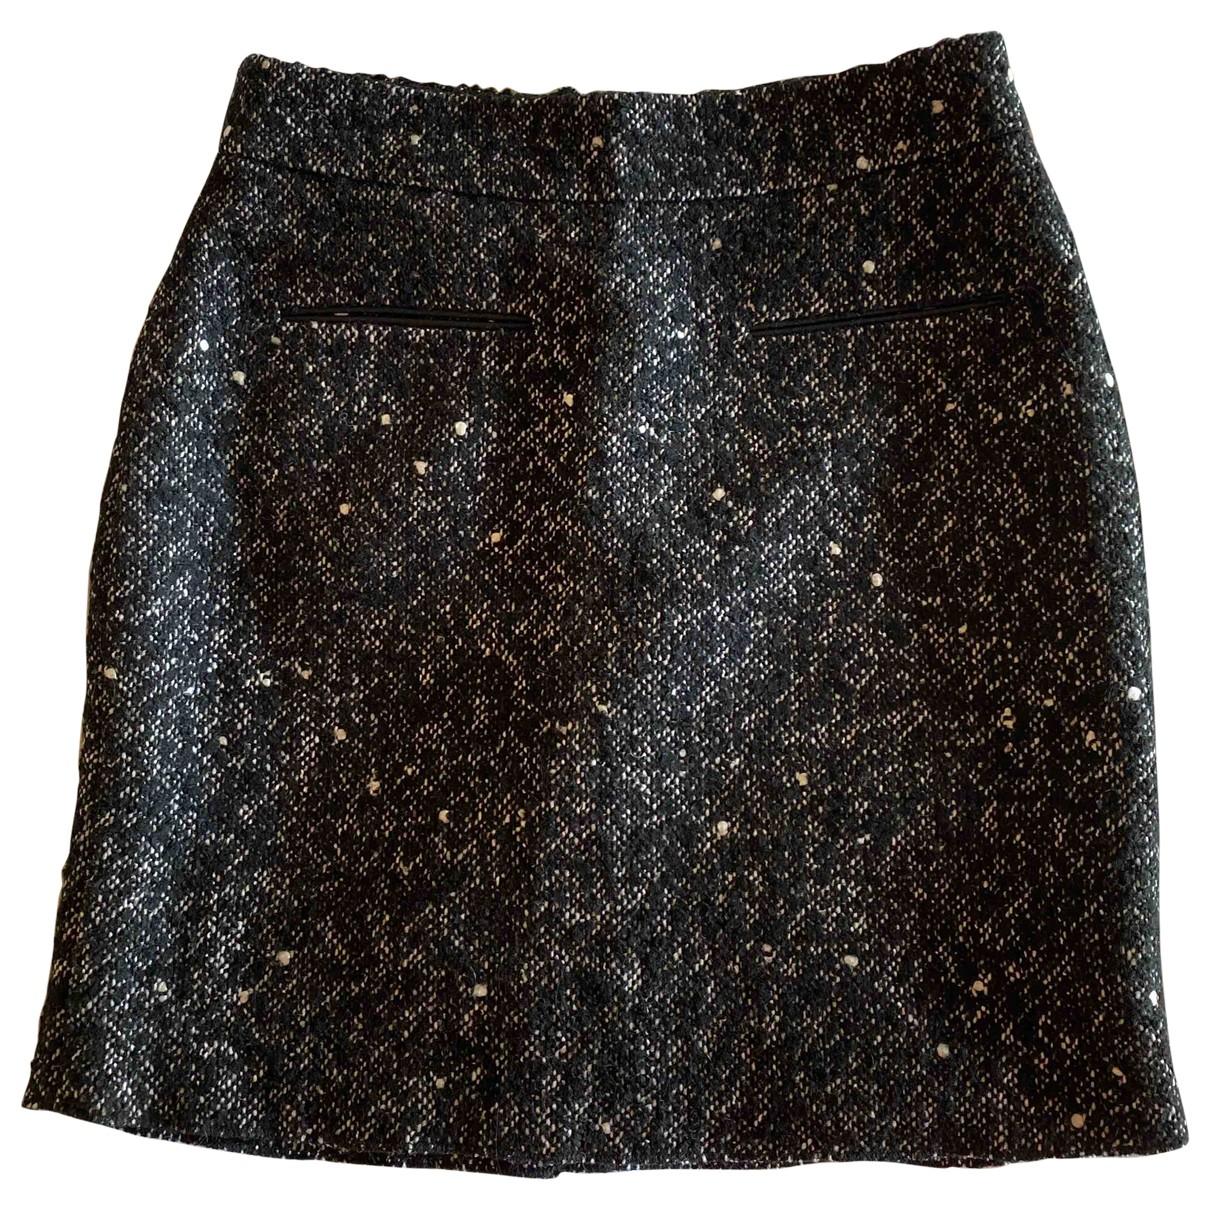 Claudie Pierlot \N Black Wool skirt for Women 38 FR